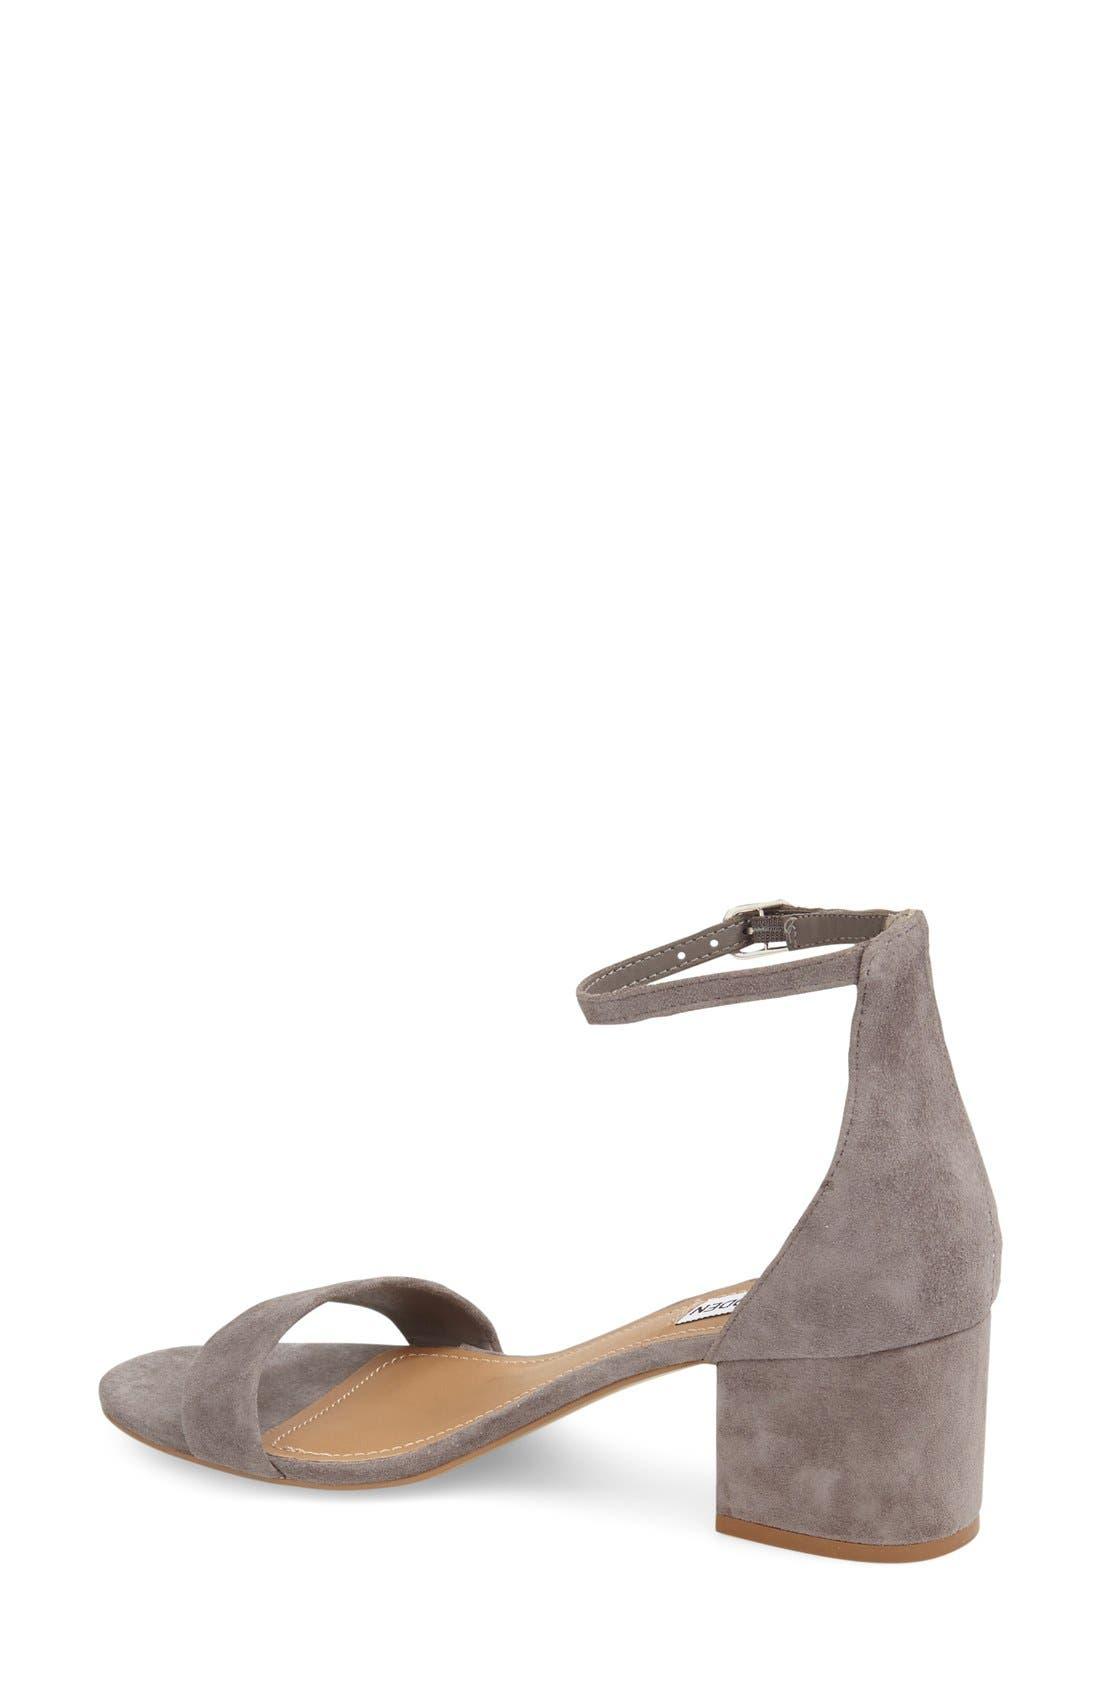 Irenee Ankle Strap Sandal,                             Alternate thumbnail 45, color,